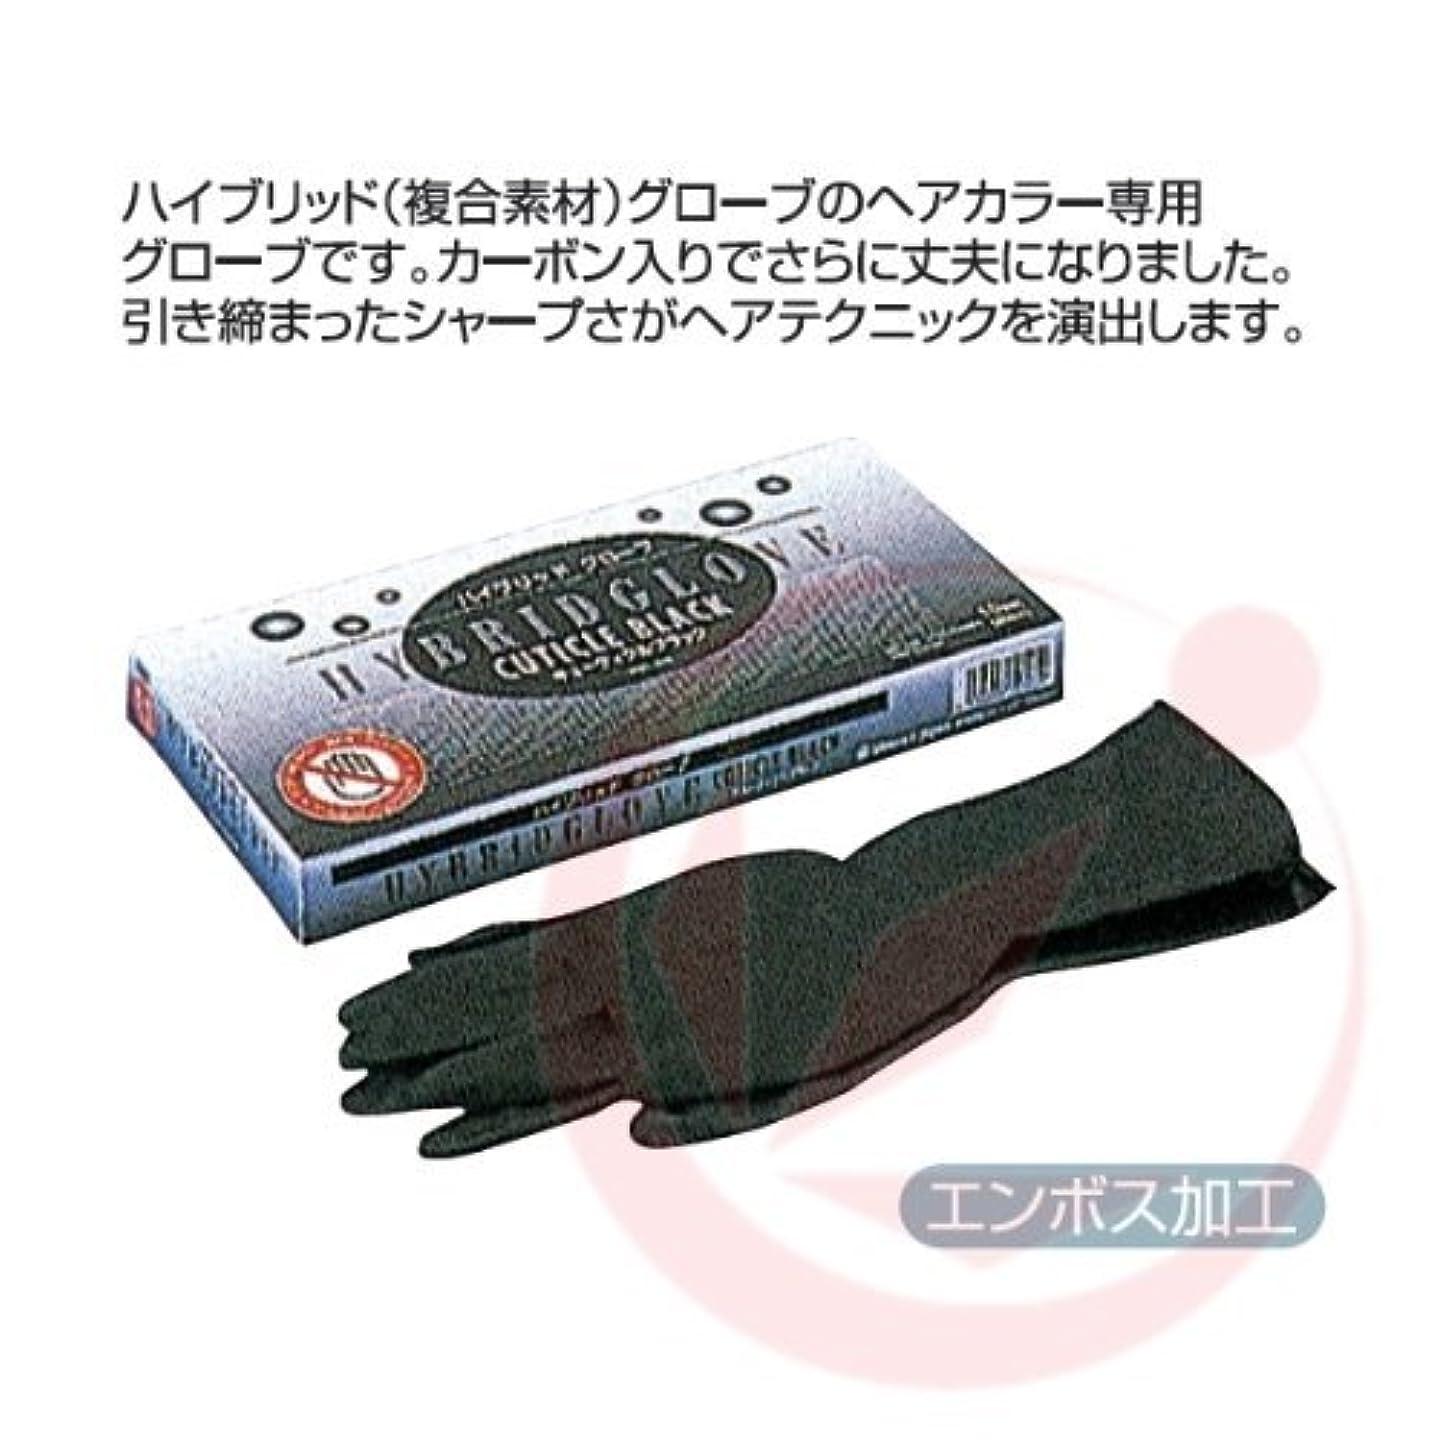 予測インタラクションパテハイブリッドグローブ キューティクルグラック SS 10set(20枚入) 6個セット